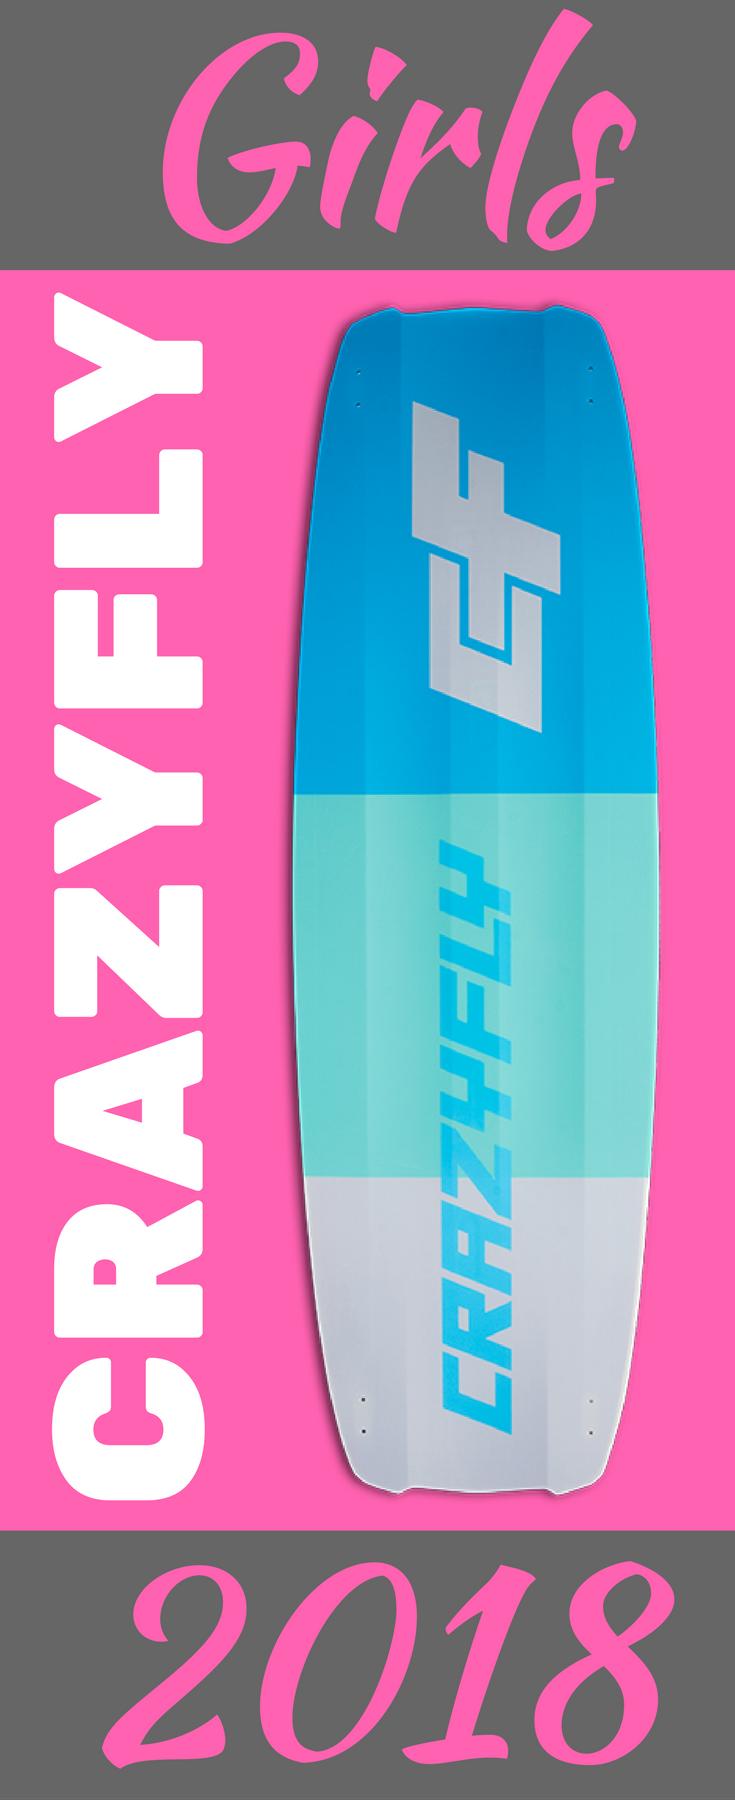 Das Crazyfly Girls 2018 ist ein Freeride Kiteboard für Frauen und Mädels, die nicht nur auf Performance sondern auch auf ein extraordinary Design stehen. #Kiteboard #girlsdesign #crazyfly https://www.kiteladen.at/Girls-2018